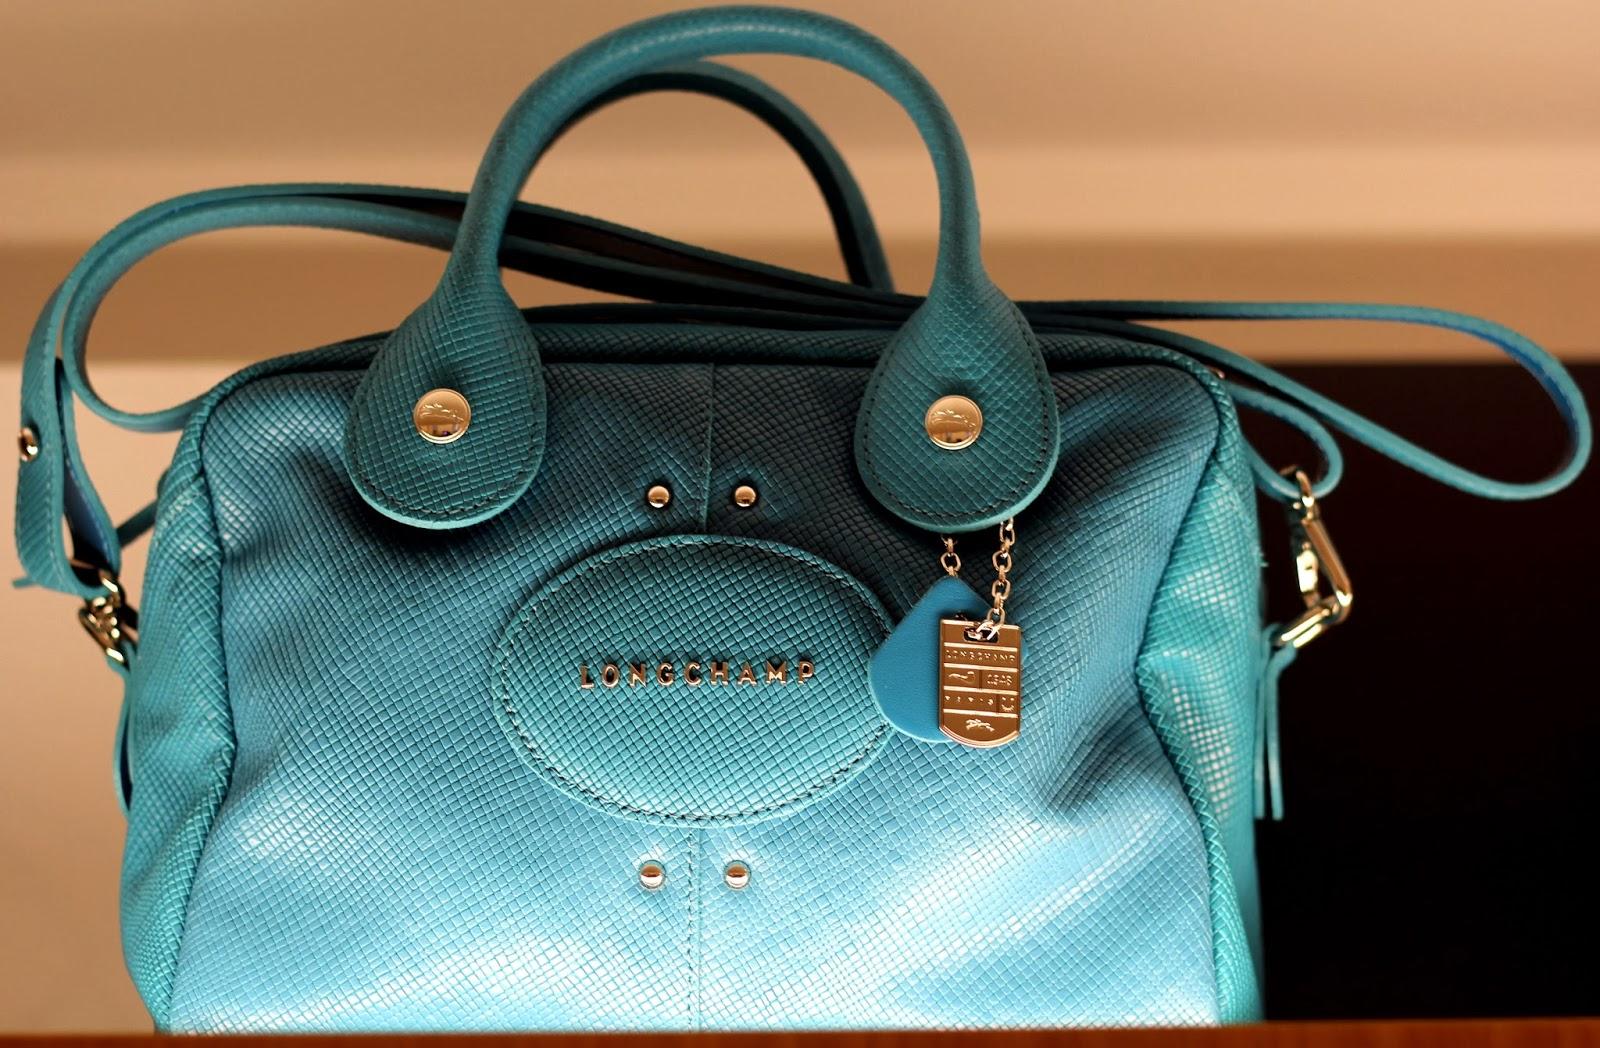 Longchamp Press Day Francesca Litrico Quadry Bag Quadri